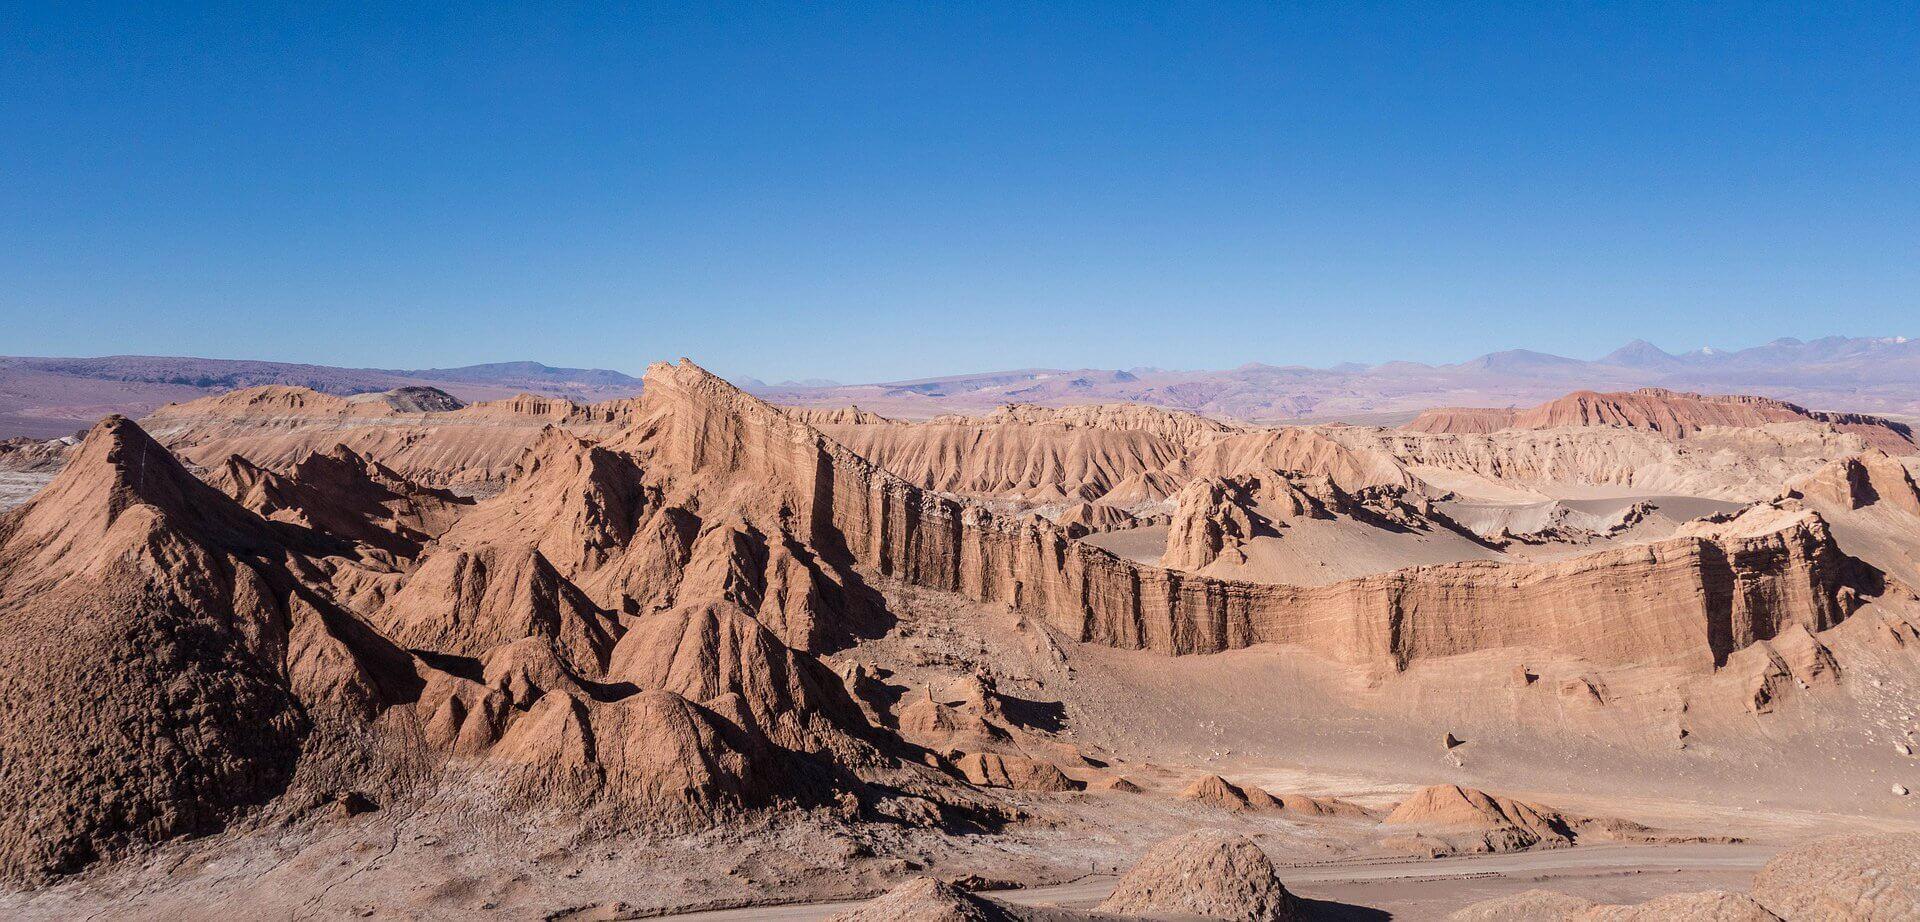 Atacam Desert chile-4388206_1920